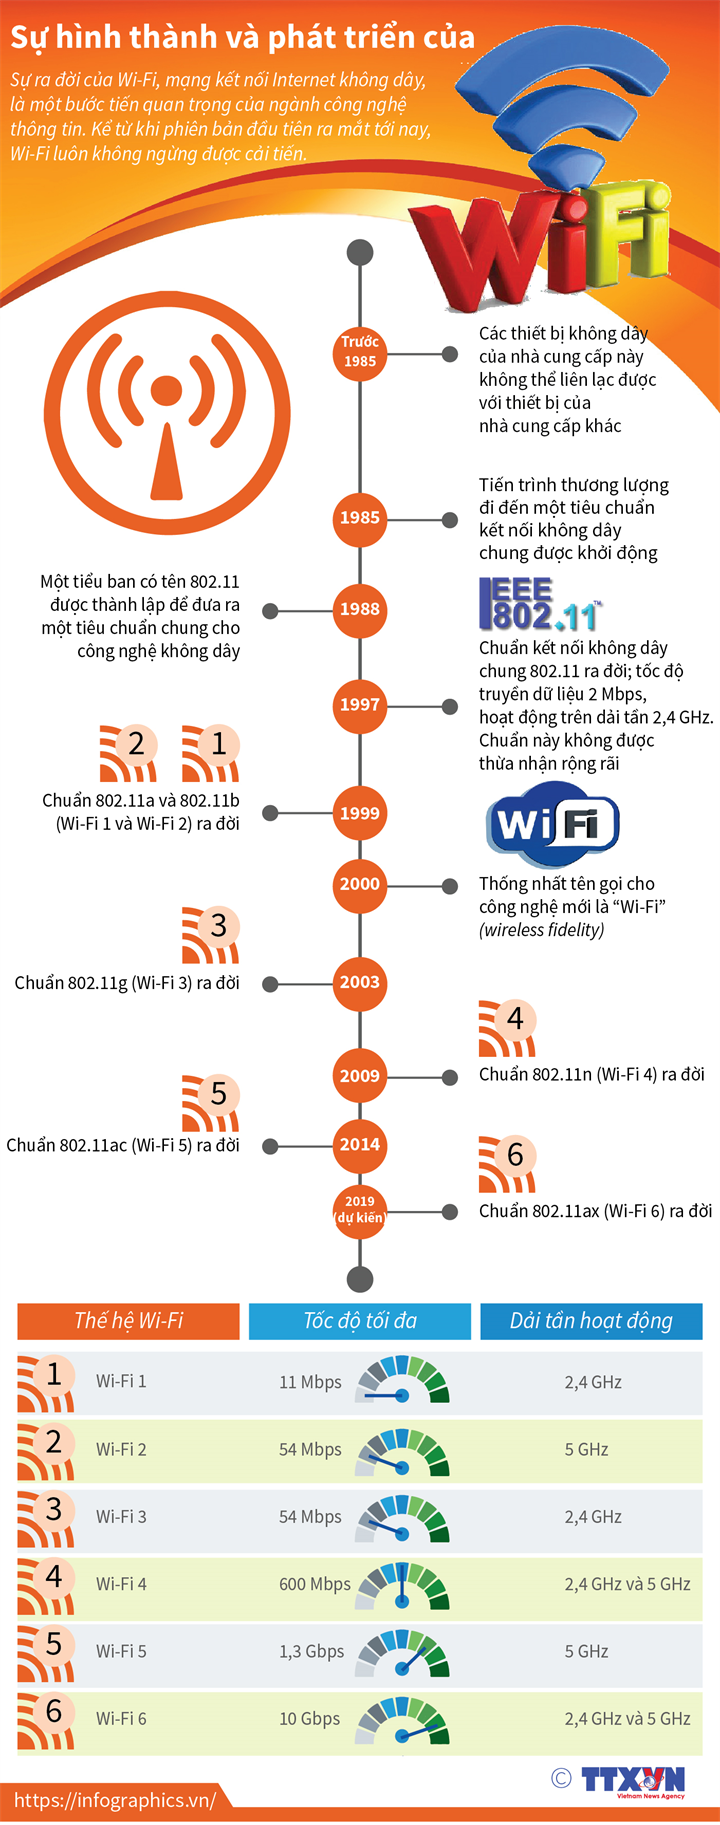 Sự hình thành và phát triển của Wi-Fi